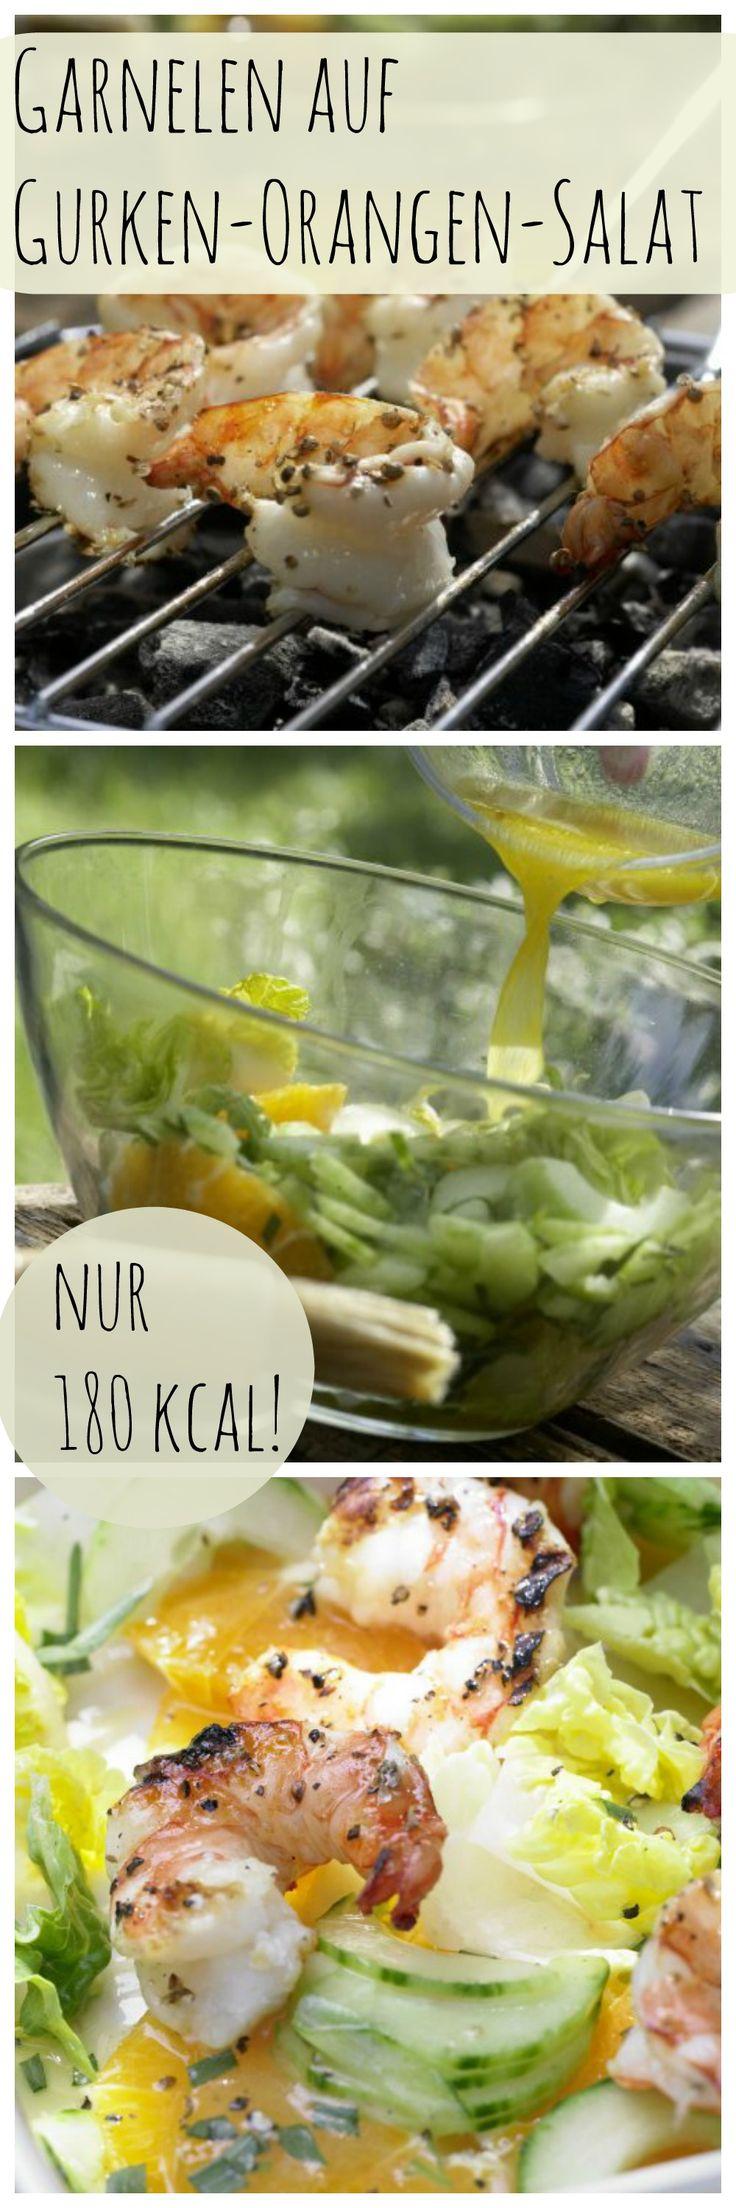 Knackig, fruchtig, würzig: Garnelen auf Gurken-Orangen-Salat mit Orangen-Limetten-Sauce | http://eatsmarter.de/rezepte/garnelen-gurken-orangen-salat